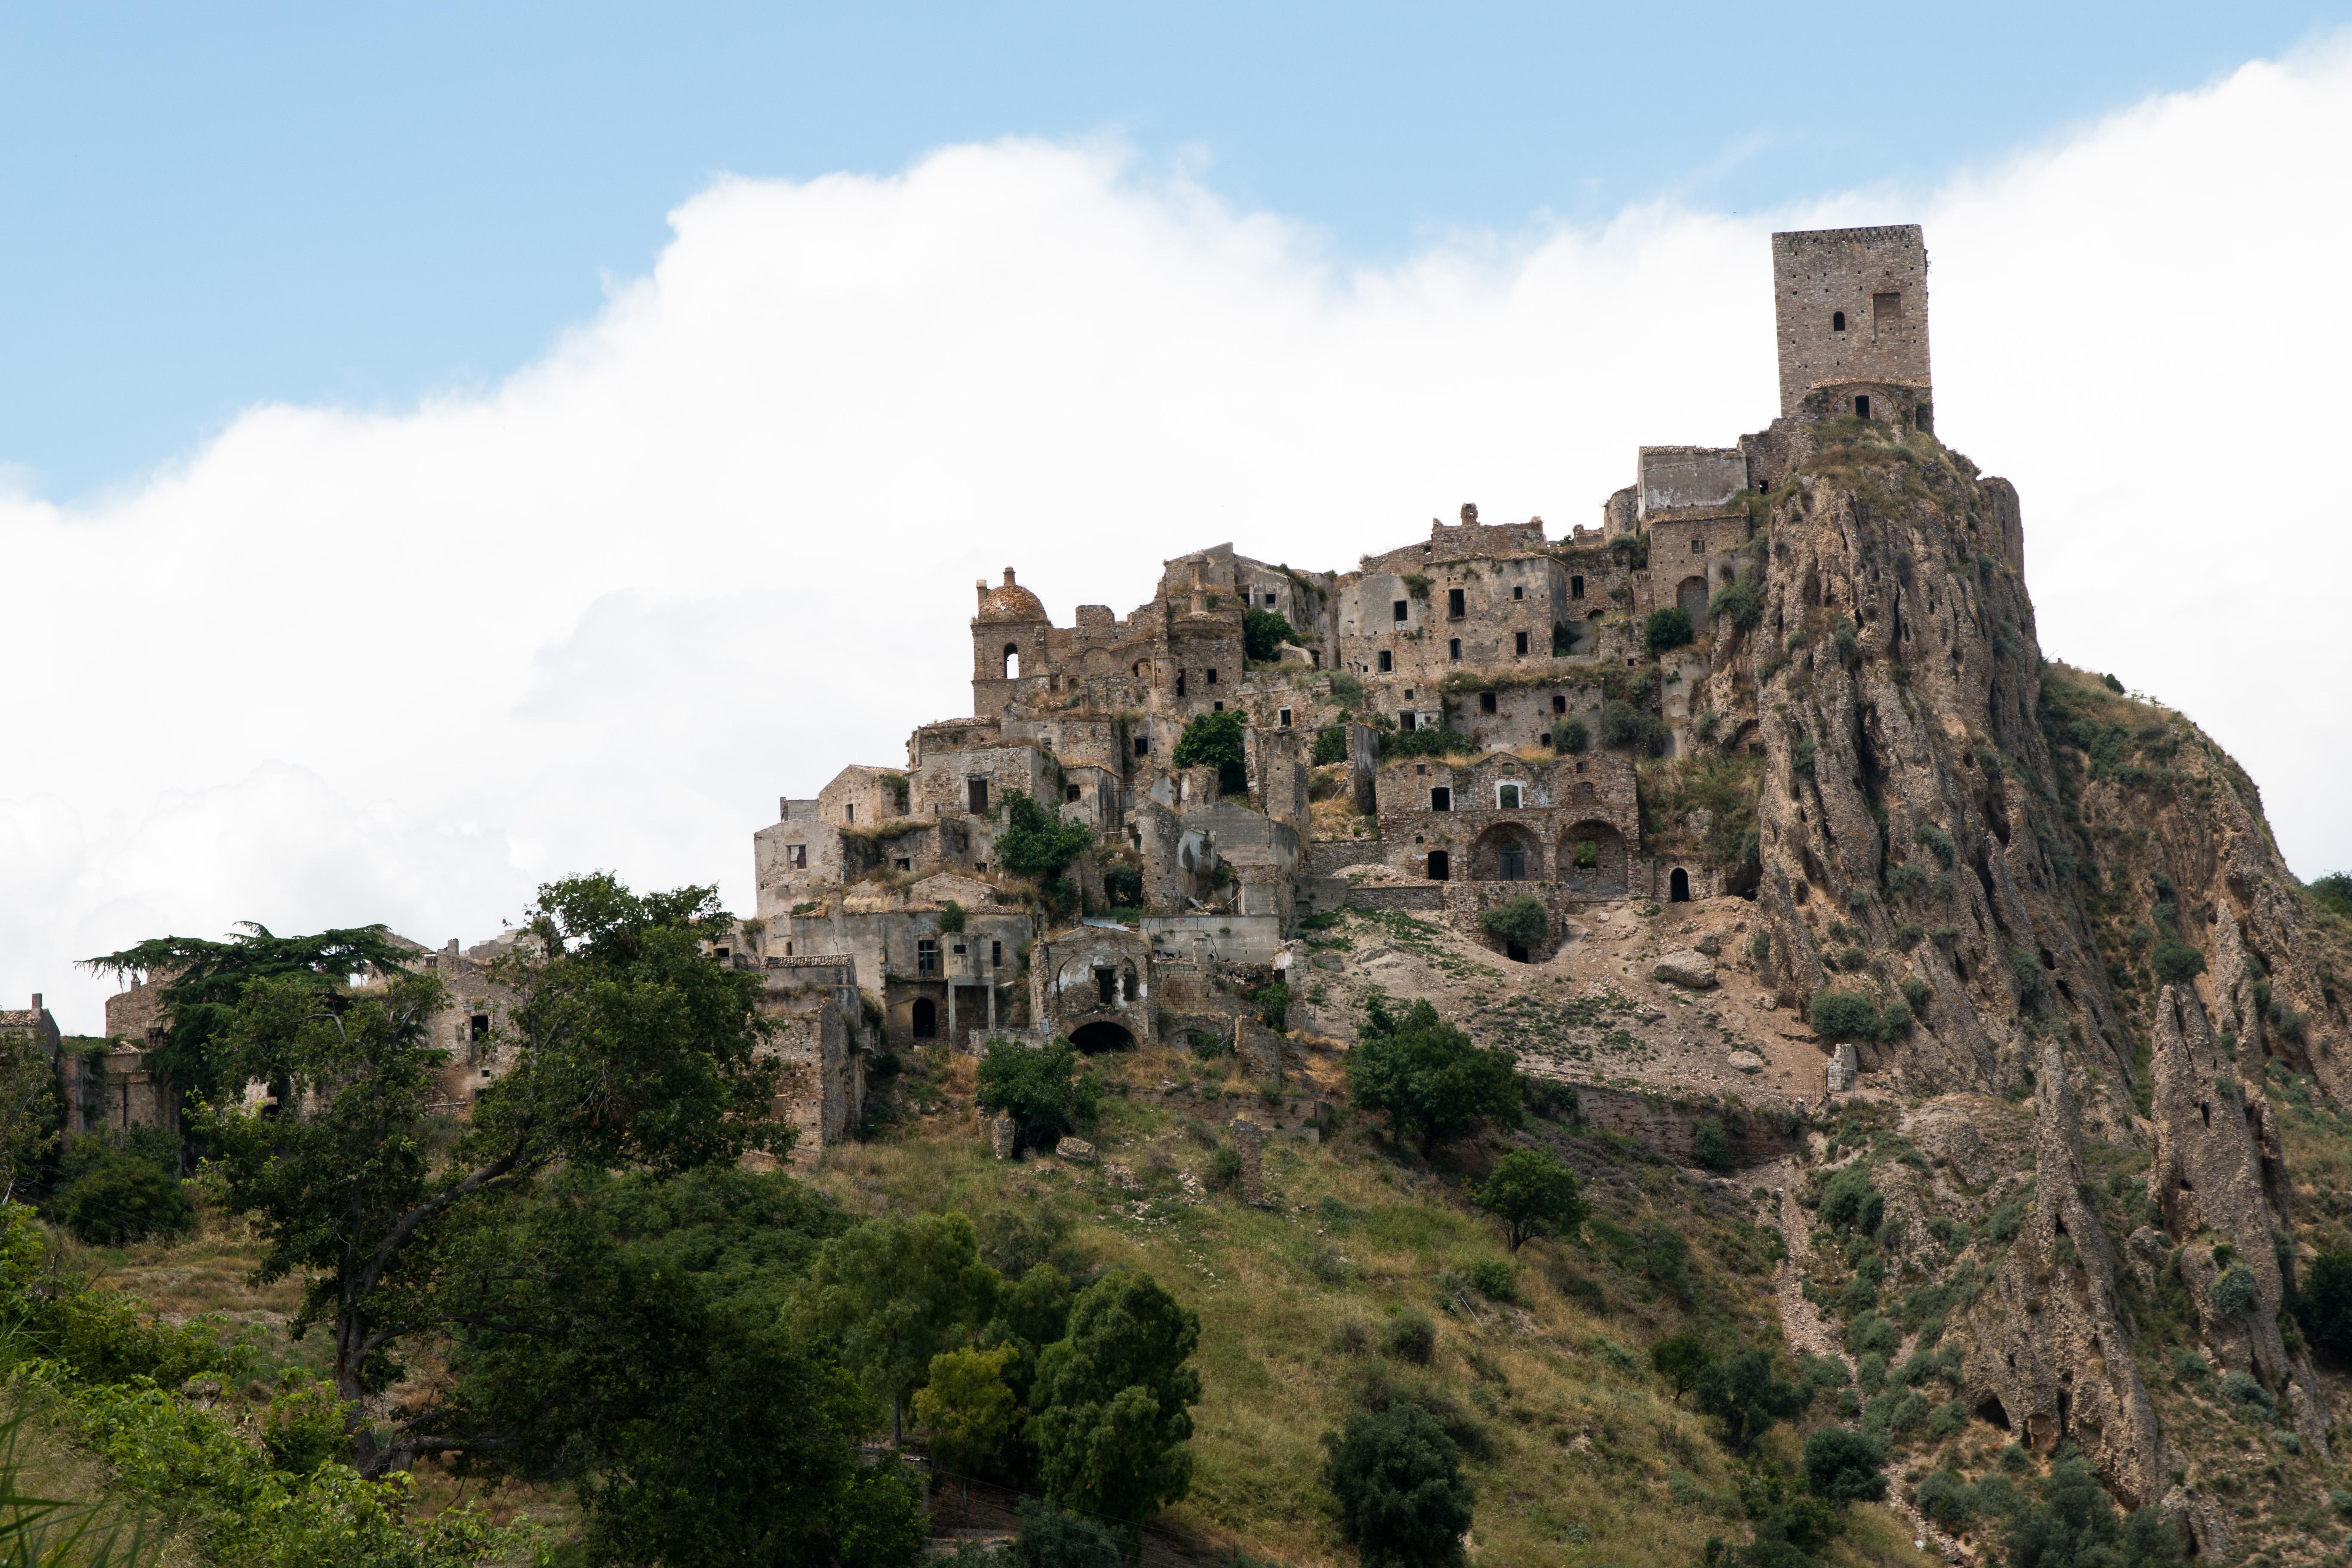 Pažintinė kelionė į Italiją. Šiaurės Italija su Gardaland pramogų parku 5